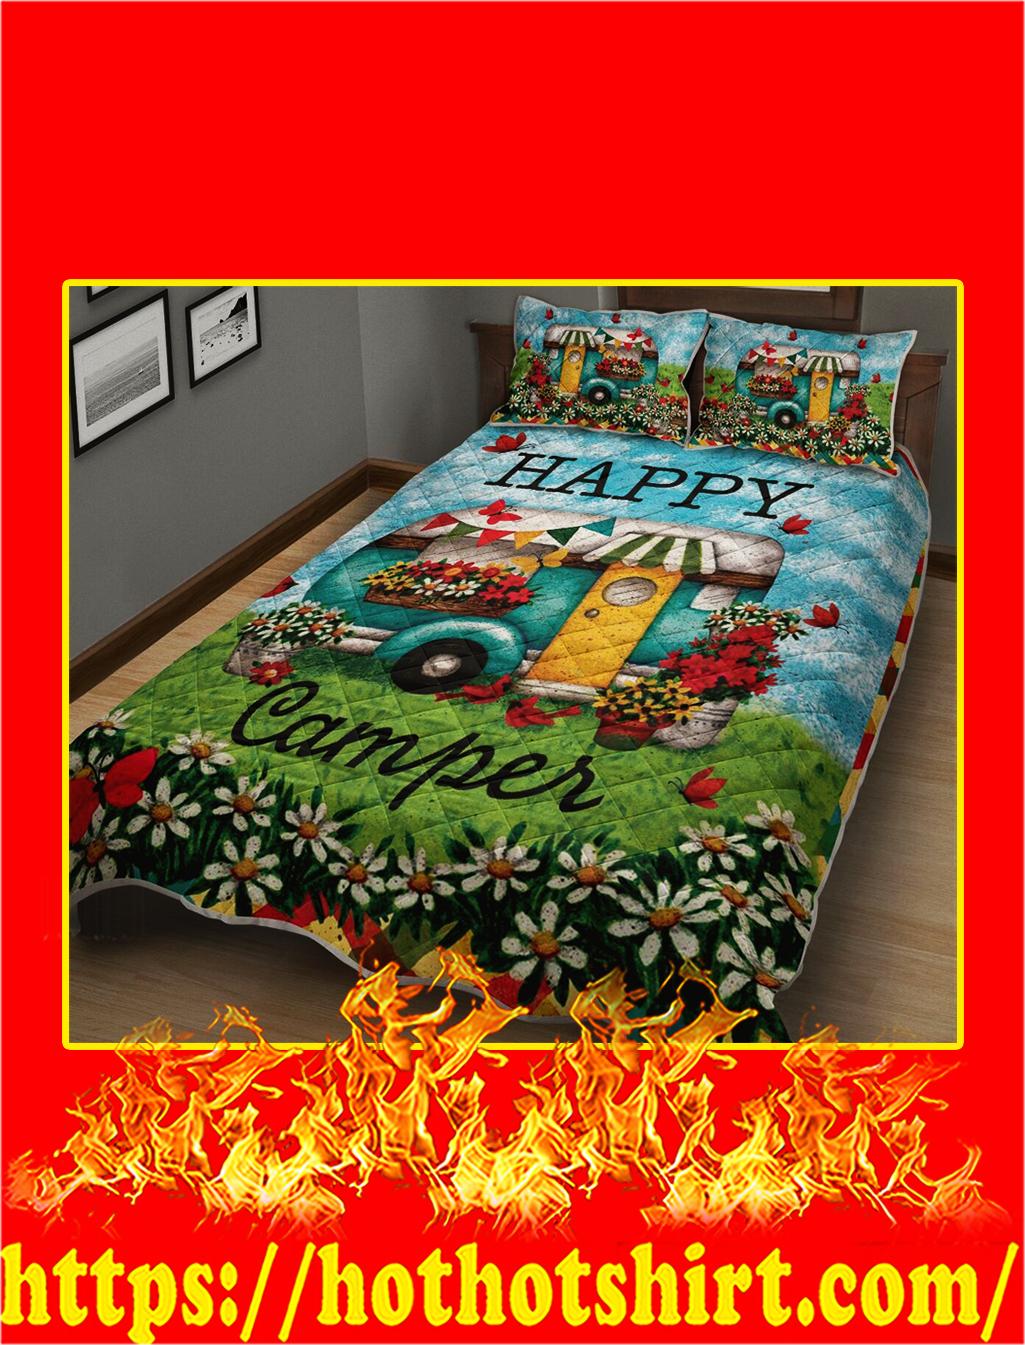 Happy Camper Quilt Blanket- queen